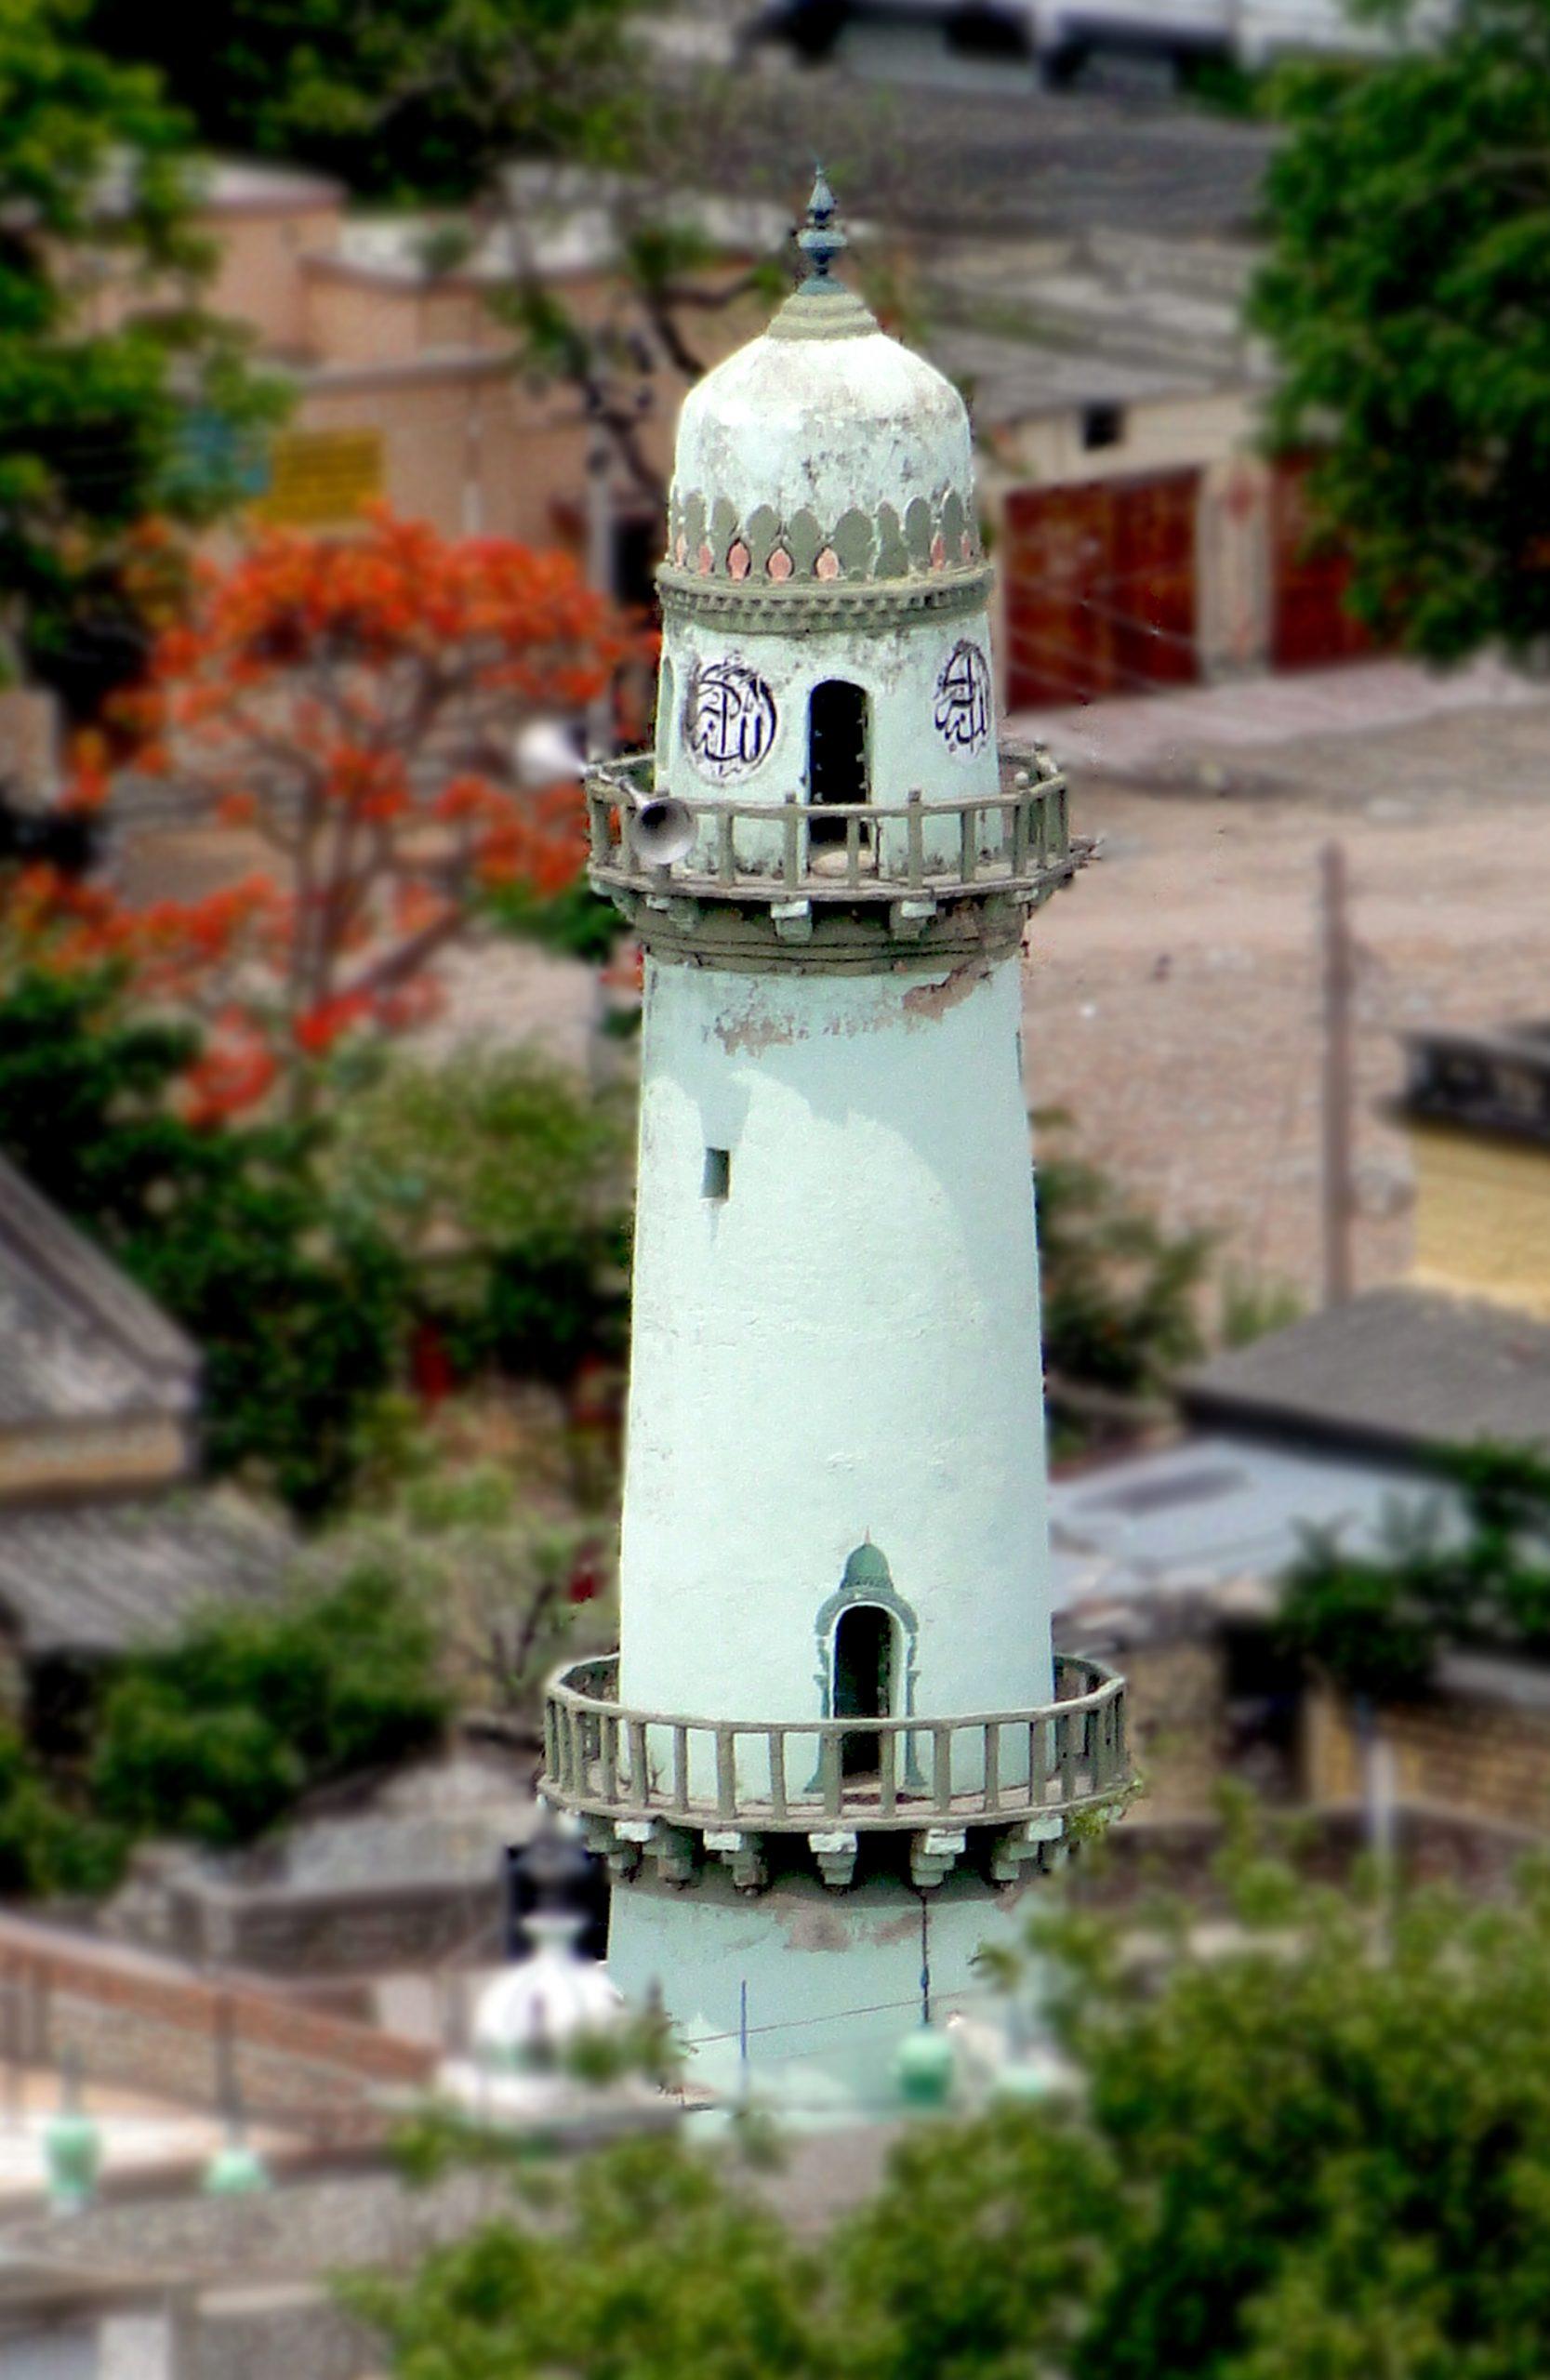 Must Visit Place Near The Raichur Fort In Raichur-Ek Minar Ki Masjid